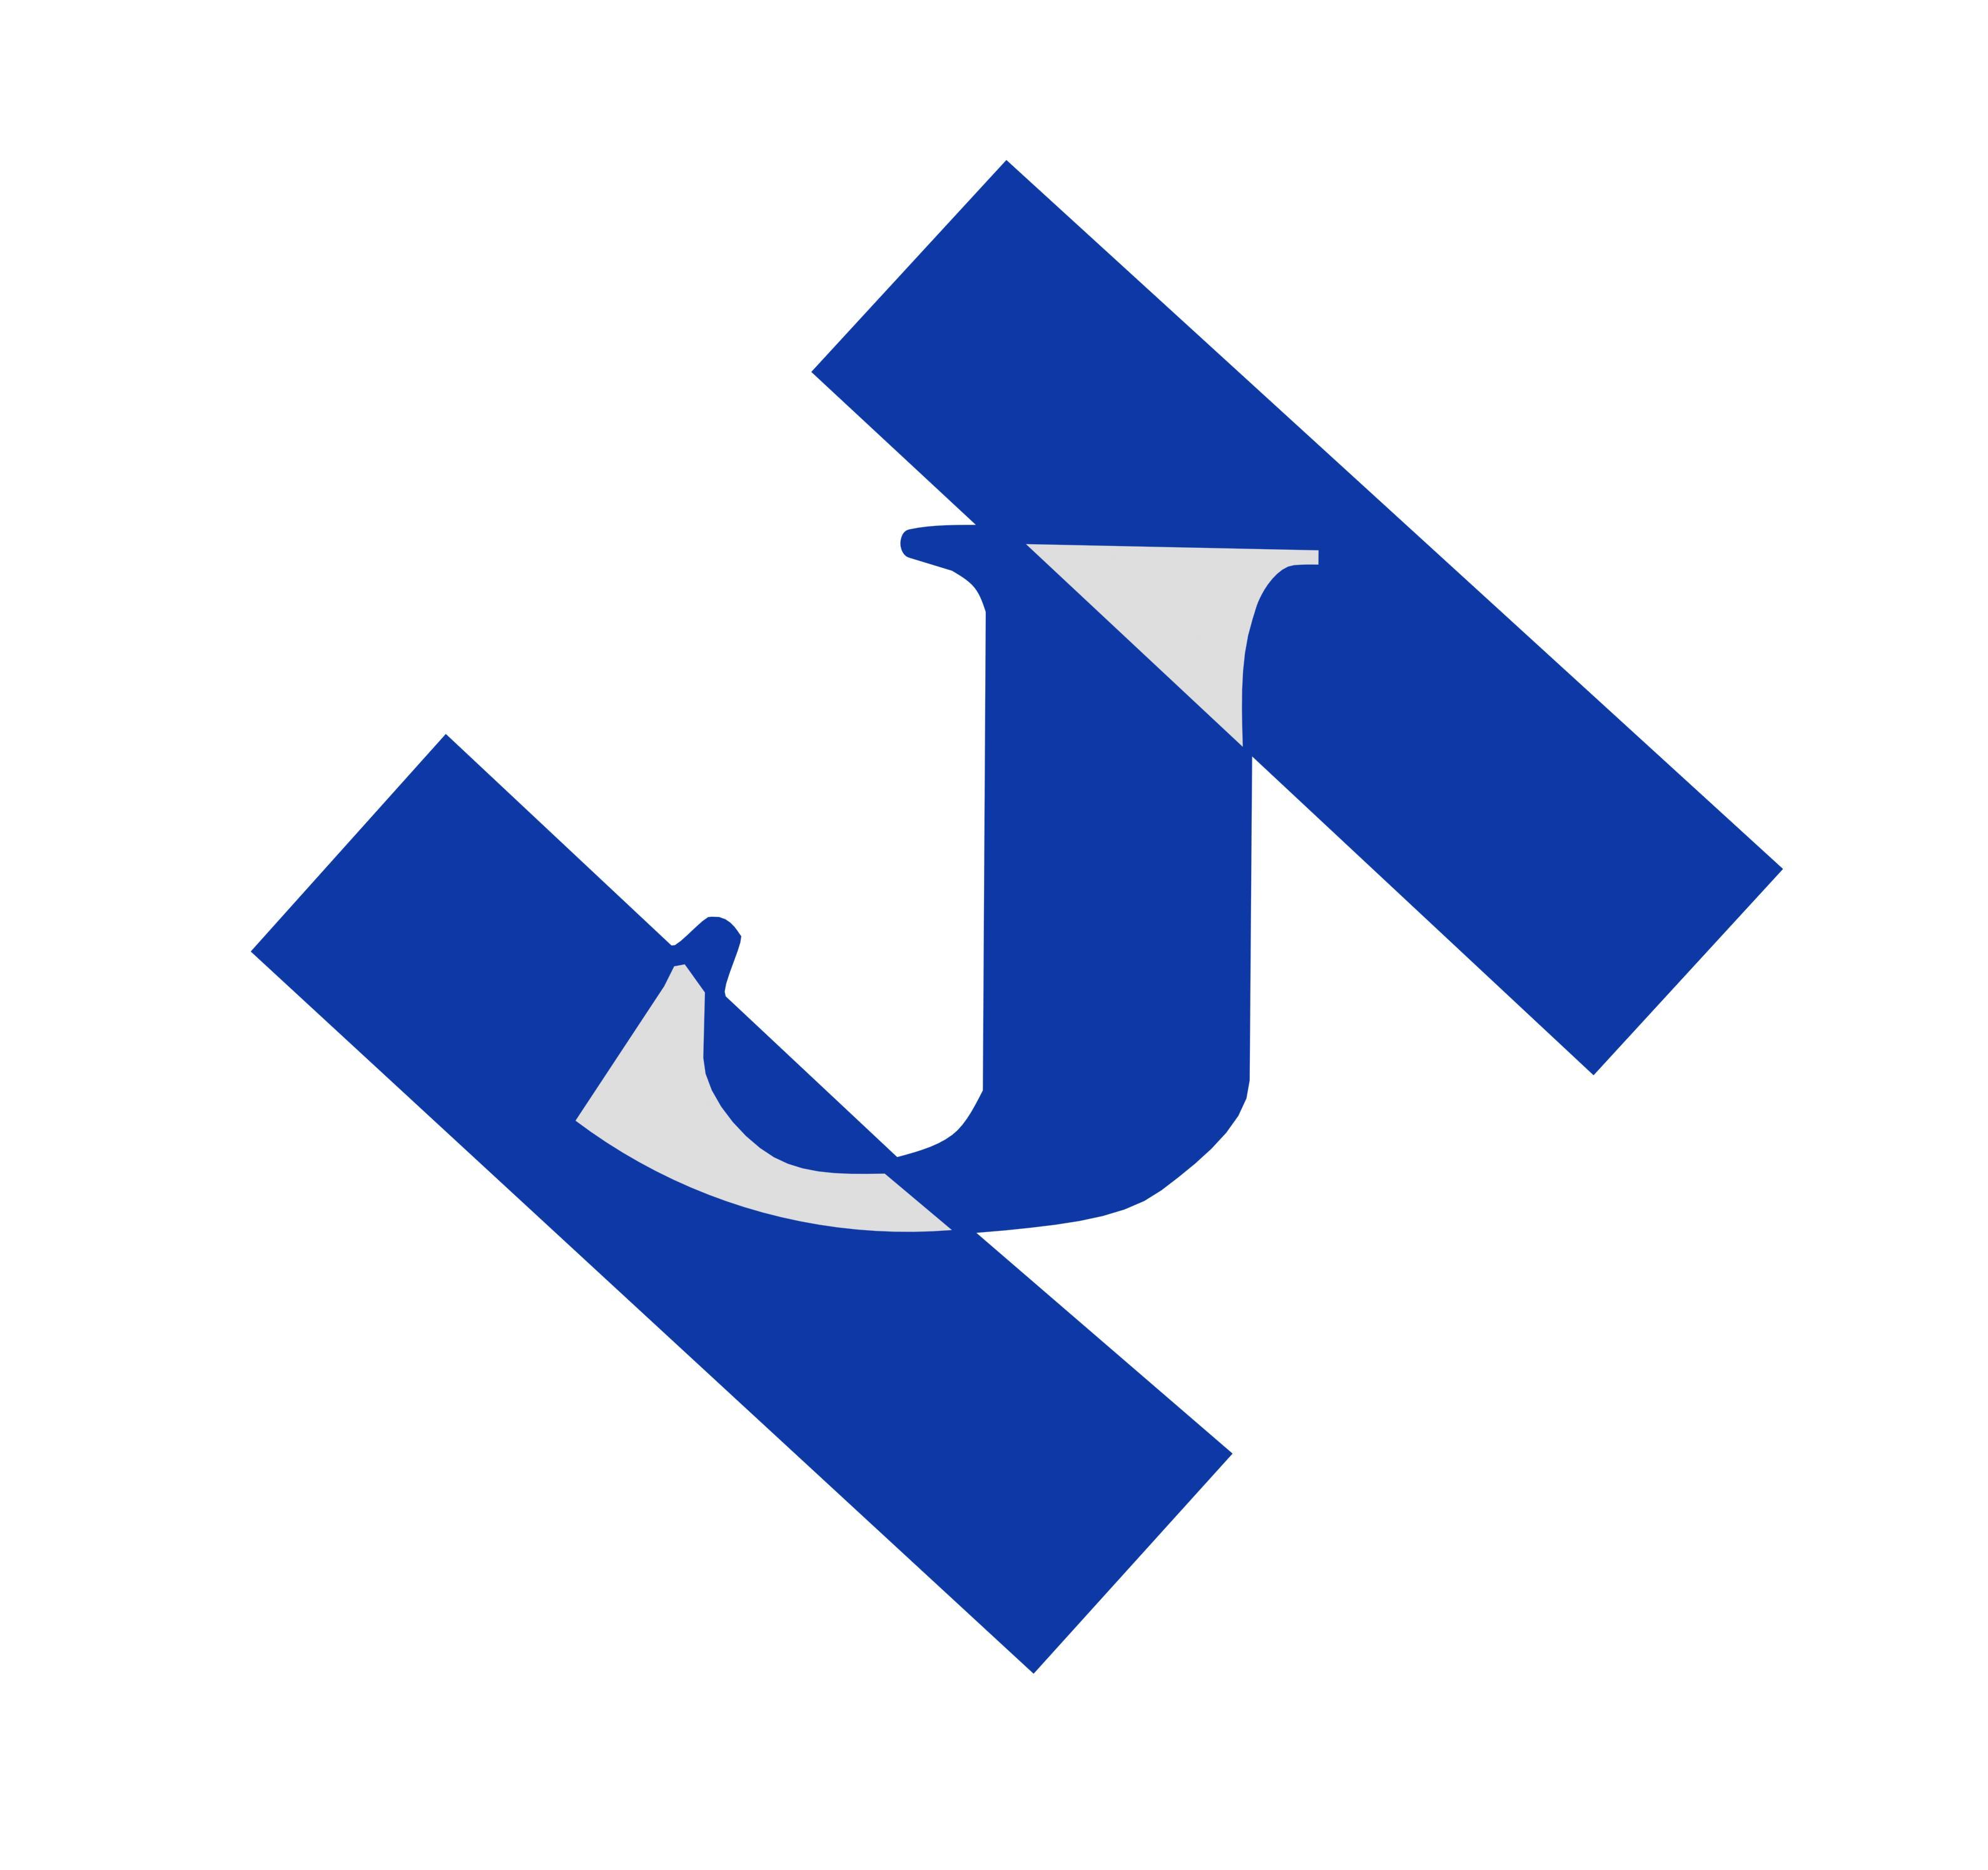 青島佳恒工程造價咨詢有限公司煙臺分公司